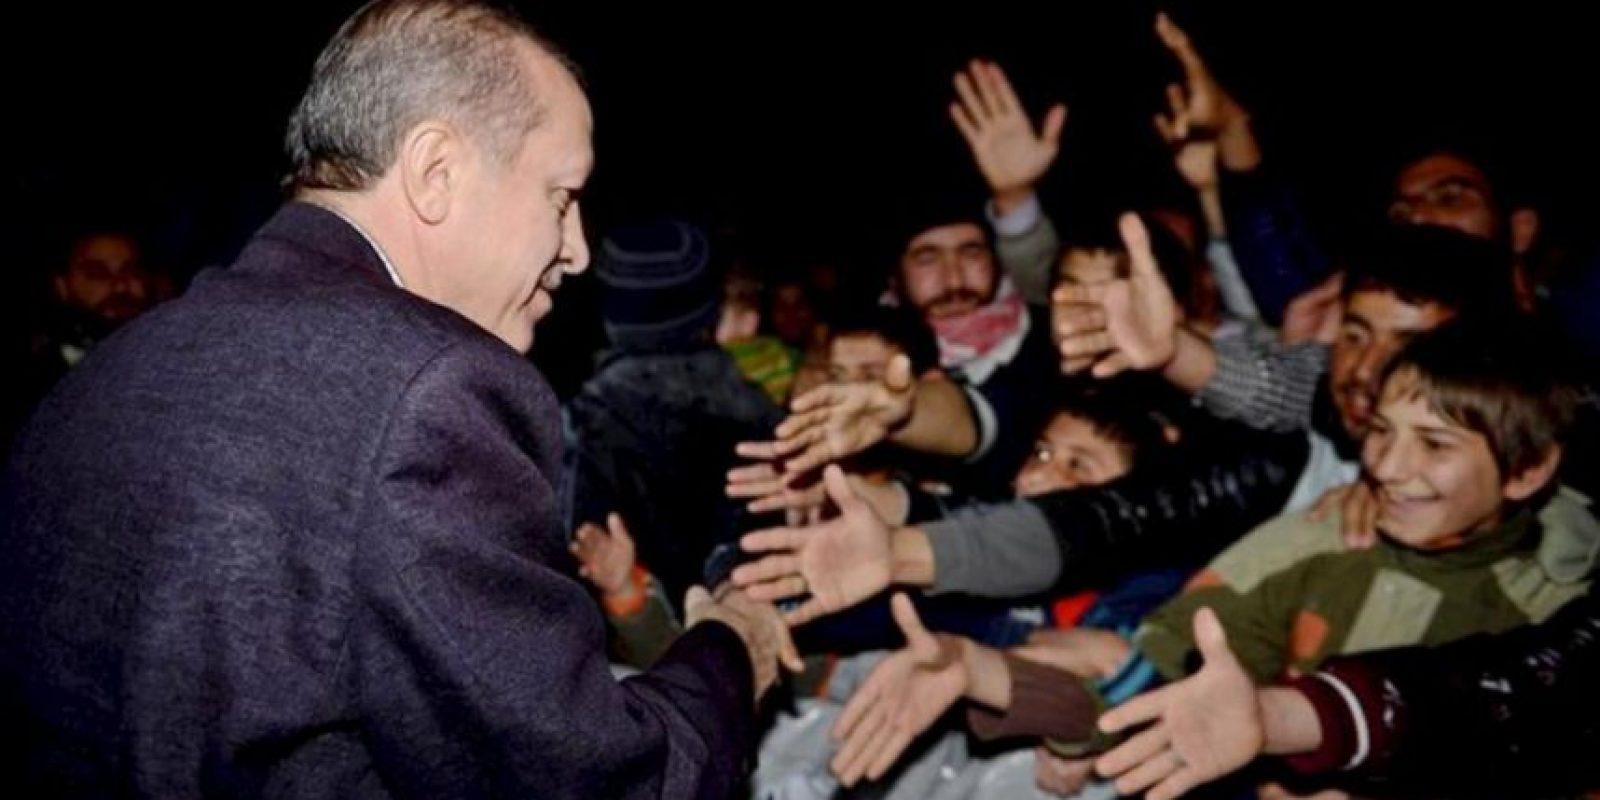 Imagen facilitada por la oficina de prensa del Primer Ministro turco en la que Tayyip Erdogan saluda a niños sirios refugiados en el campamento Akcakale, junto a la frontera con Siria. EFE